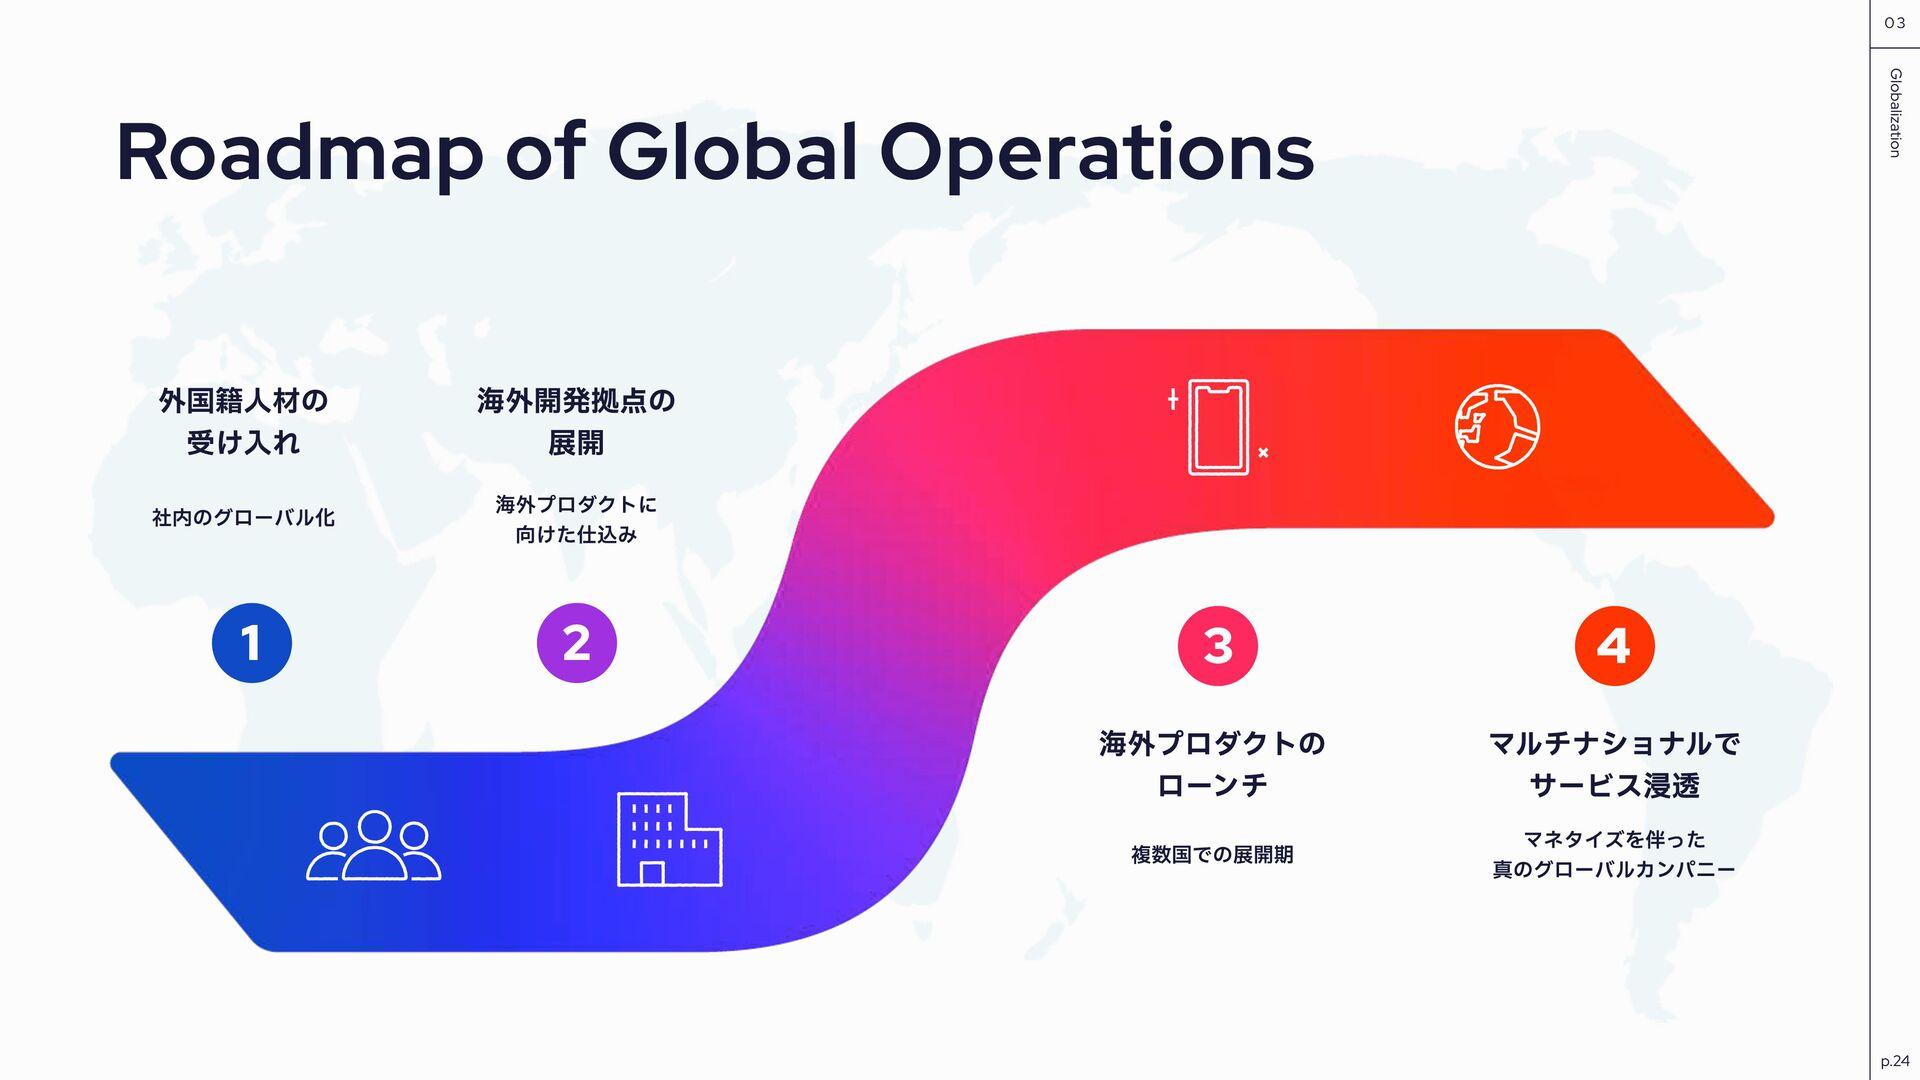 オフィス 五反田オフィス レシピ動画の調理や撮影、編集、クライアント様との  タイアップ広告の...